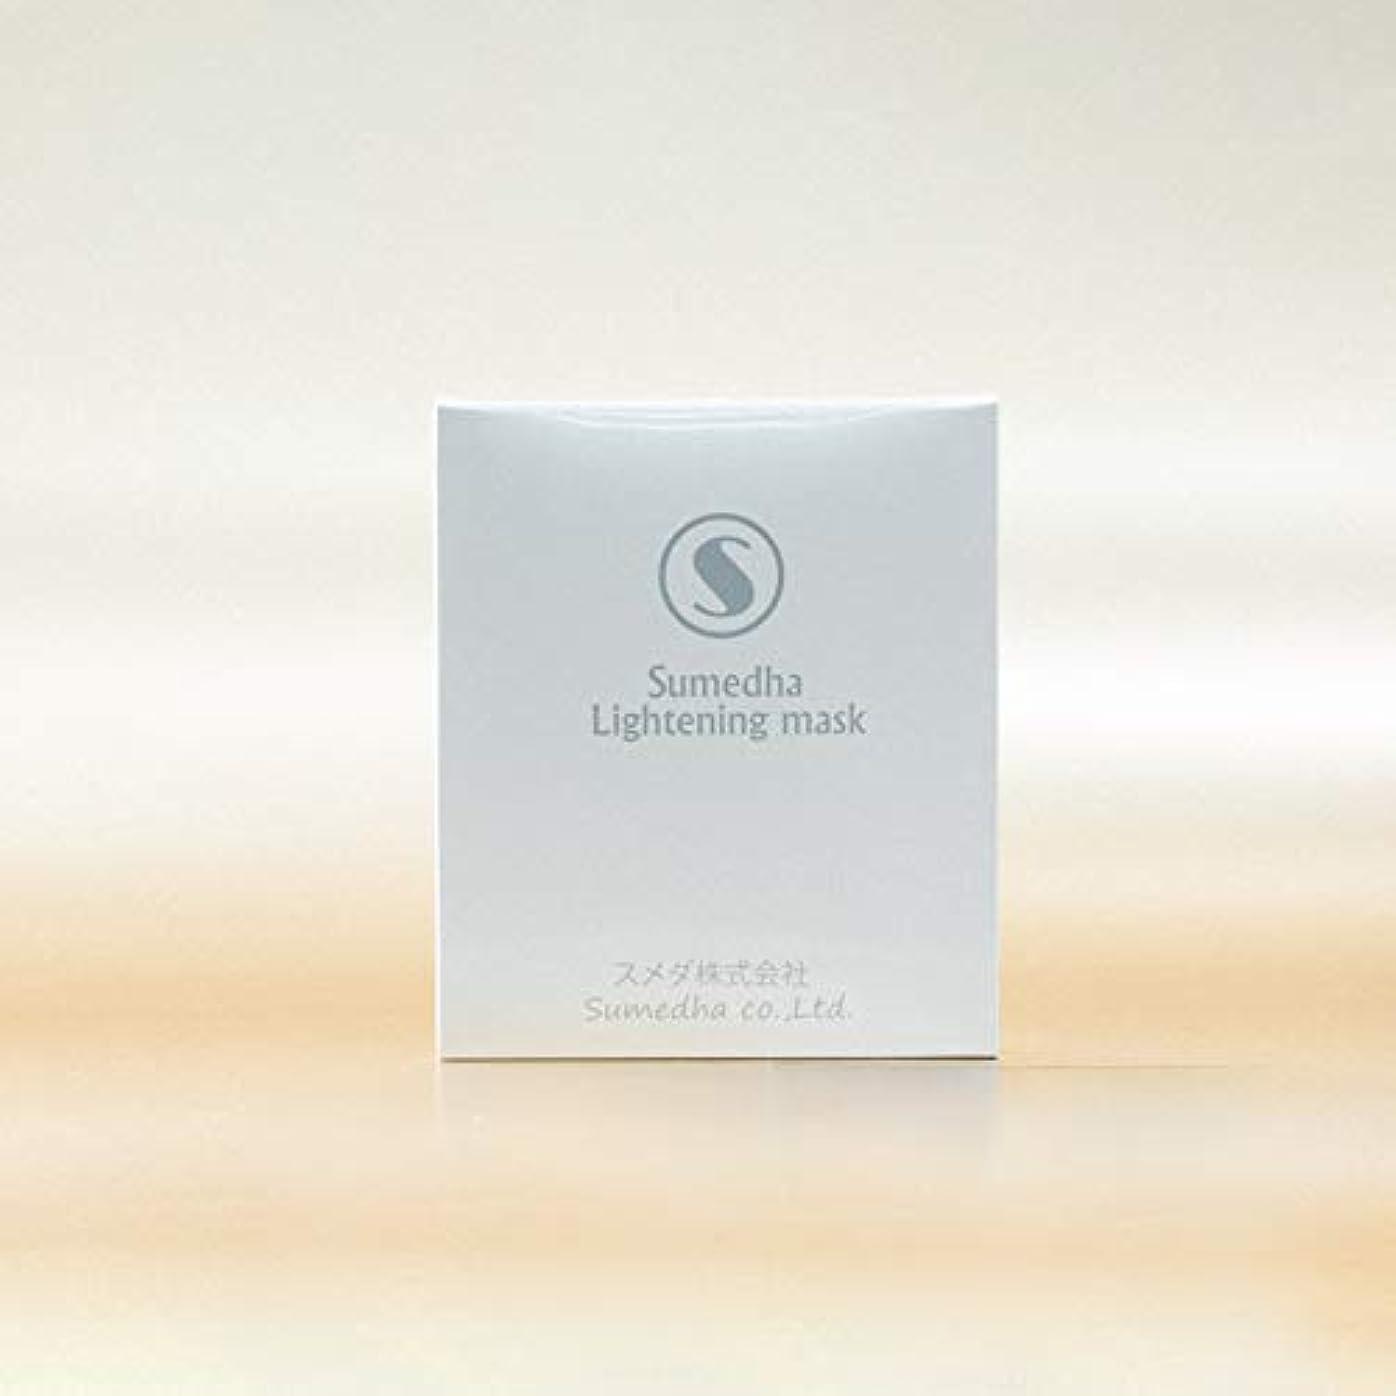 ピニオンスクレーパー幅フェイスマスク Sumedha パック 保湿マスク 日本製 マスク フェイスパック 3枚入り 美白 美容 アンチセンシティブ 角質層修復 抗酸化 保湿 補水 敏感肌 発赤 アレルギー緩和 コーセー (美白)